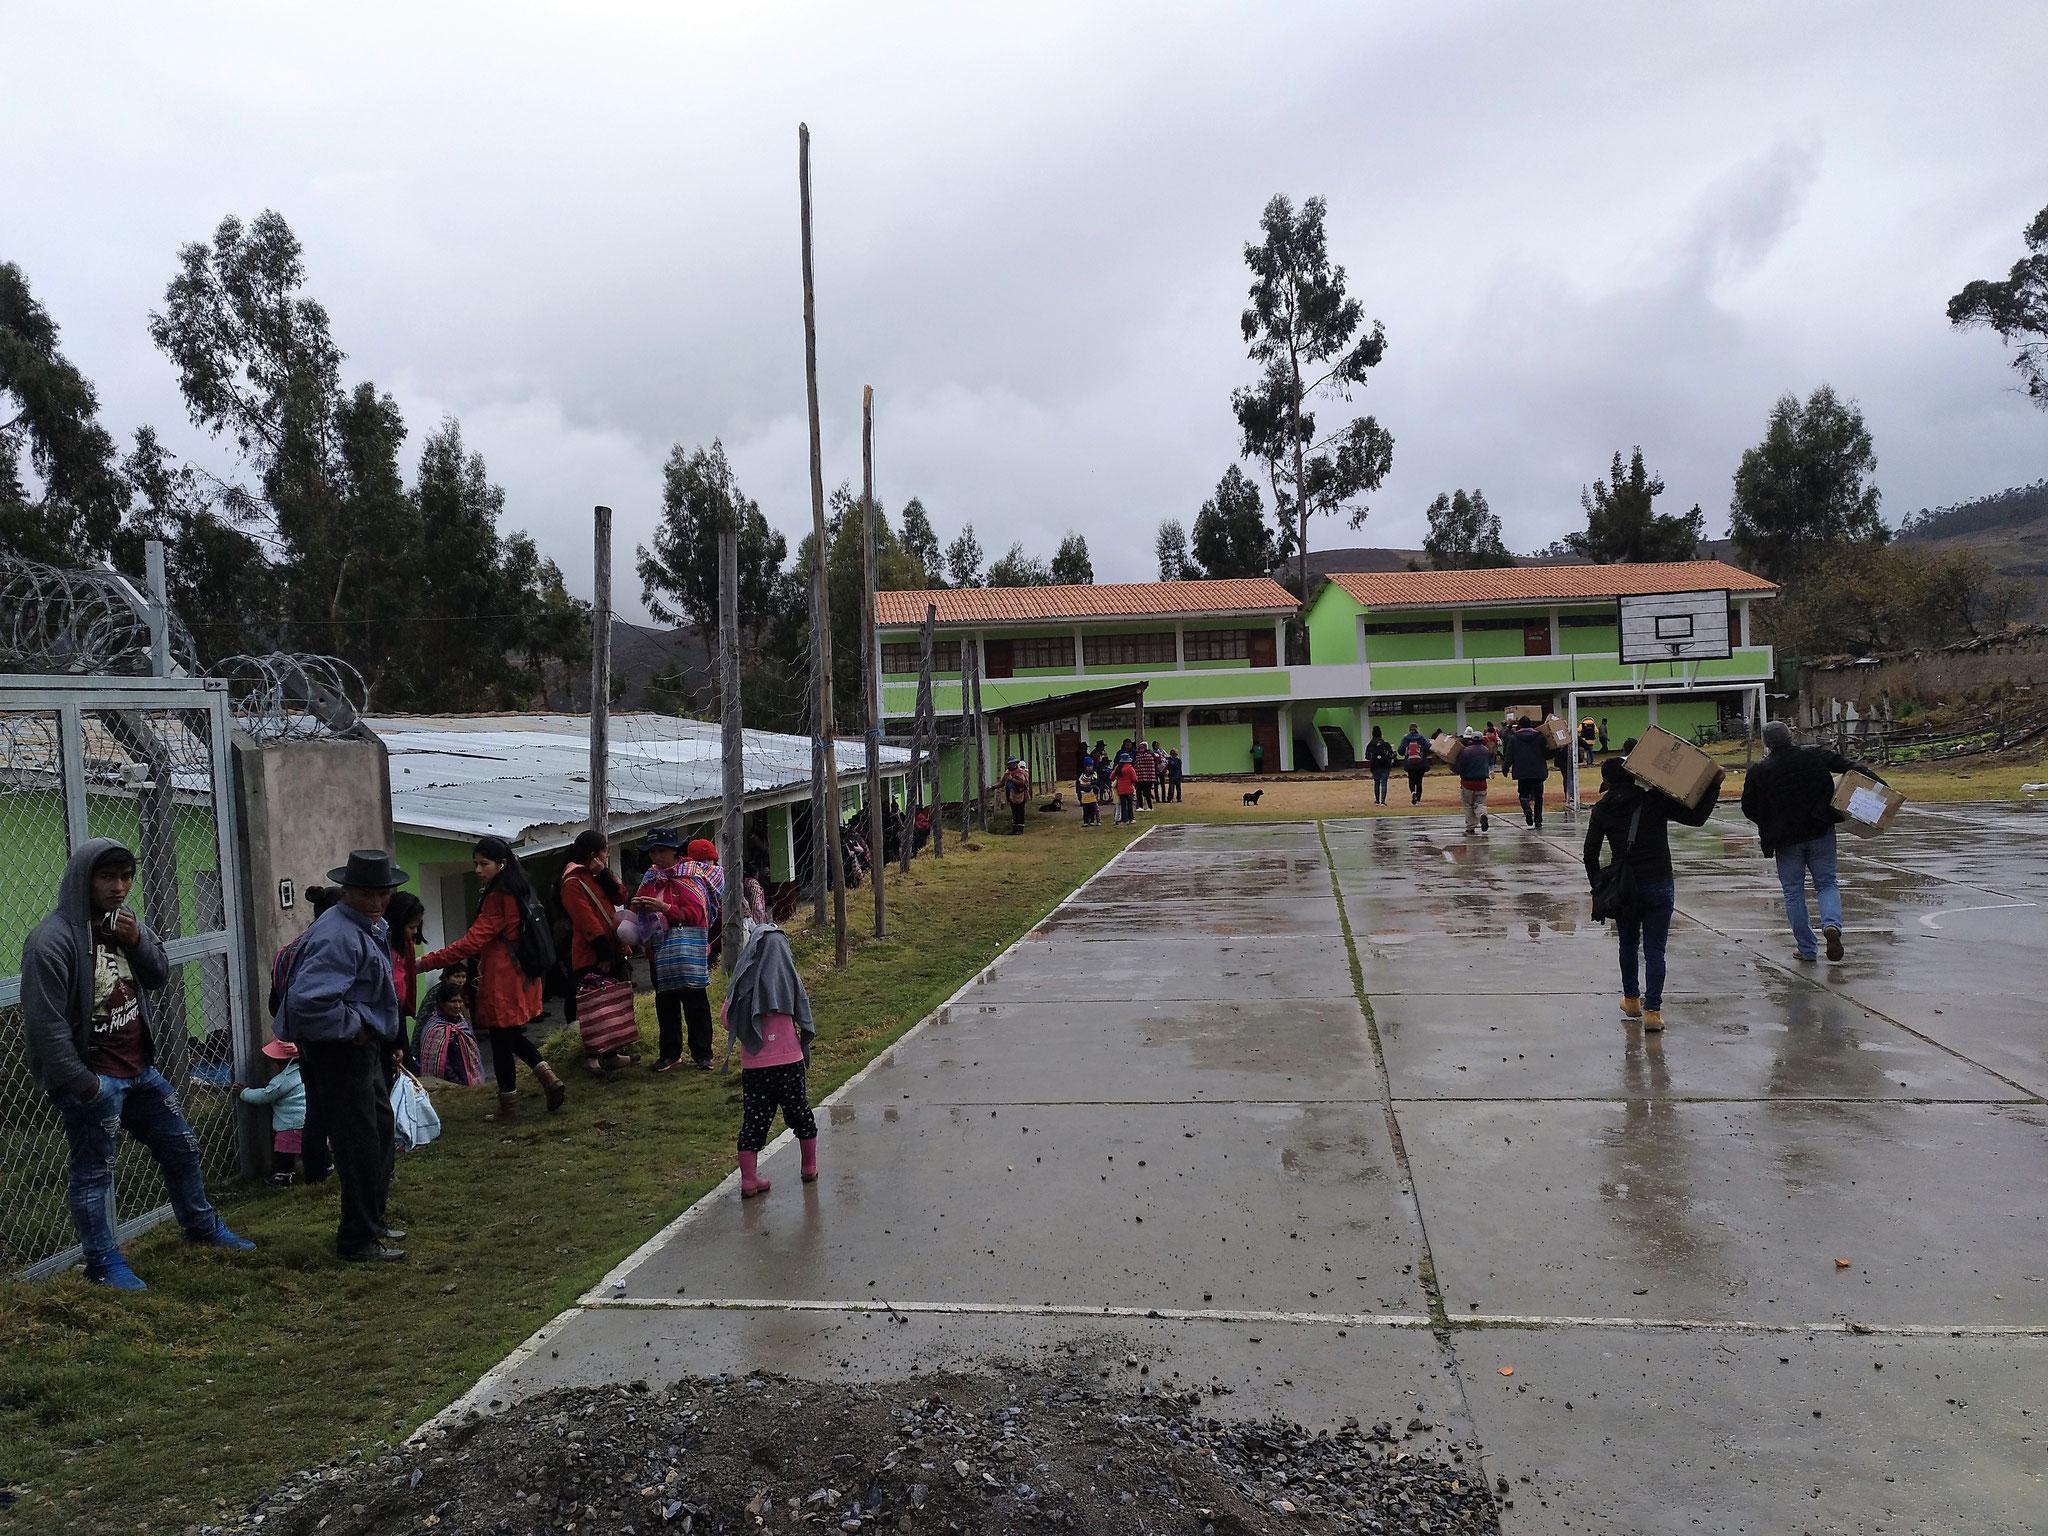 …und in die (frisch gestrichene) Dorfschule gebracht. In den Klassenräumen roch es sogar noch nach Lack und die Tische klebten leicht.